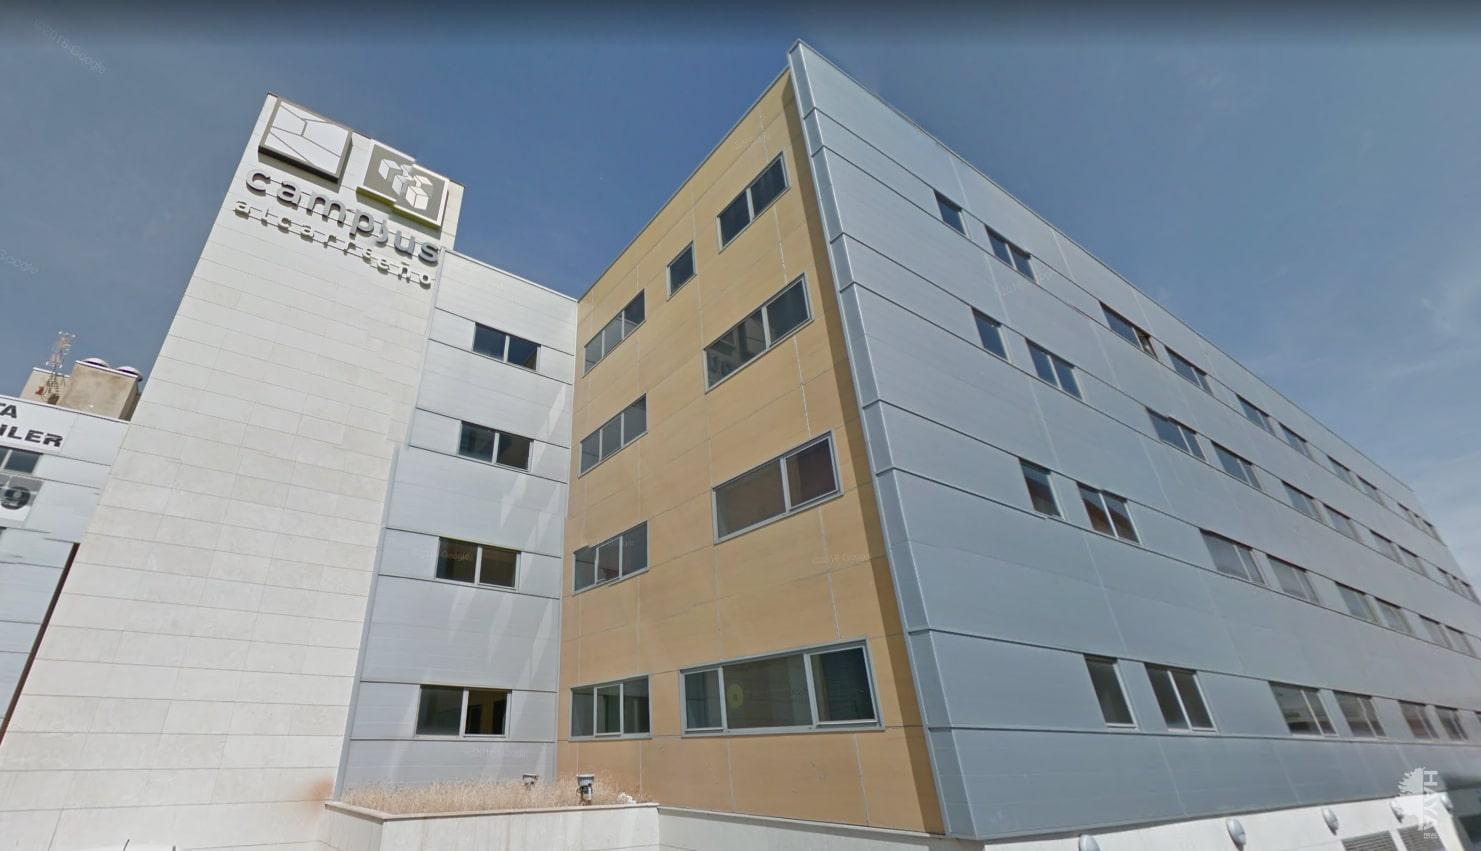 Oficina en venta en Los Manantiales, Guadalajara, Guadalajara, Calle Francisco Aritio, 61.304 €, 90 m2